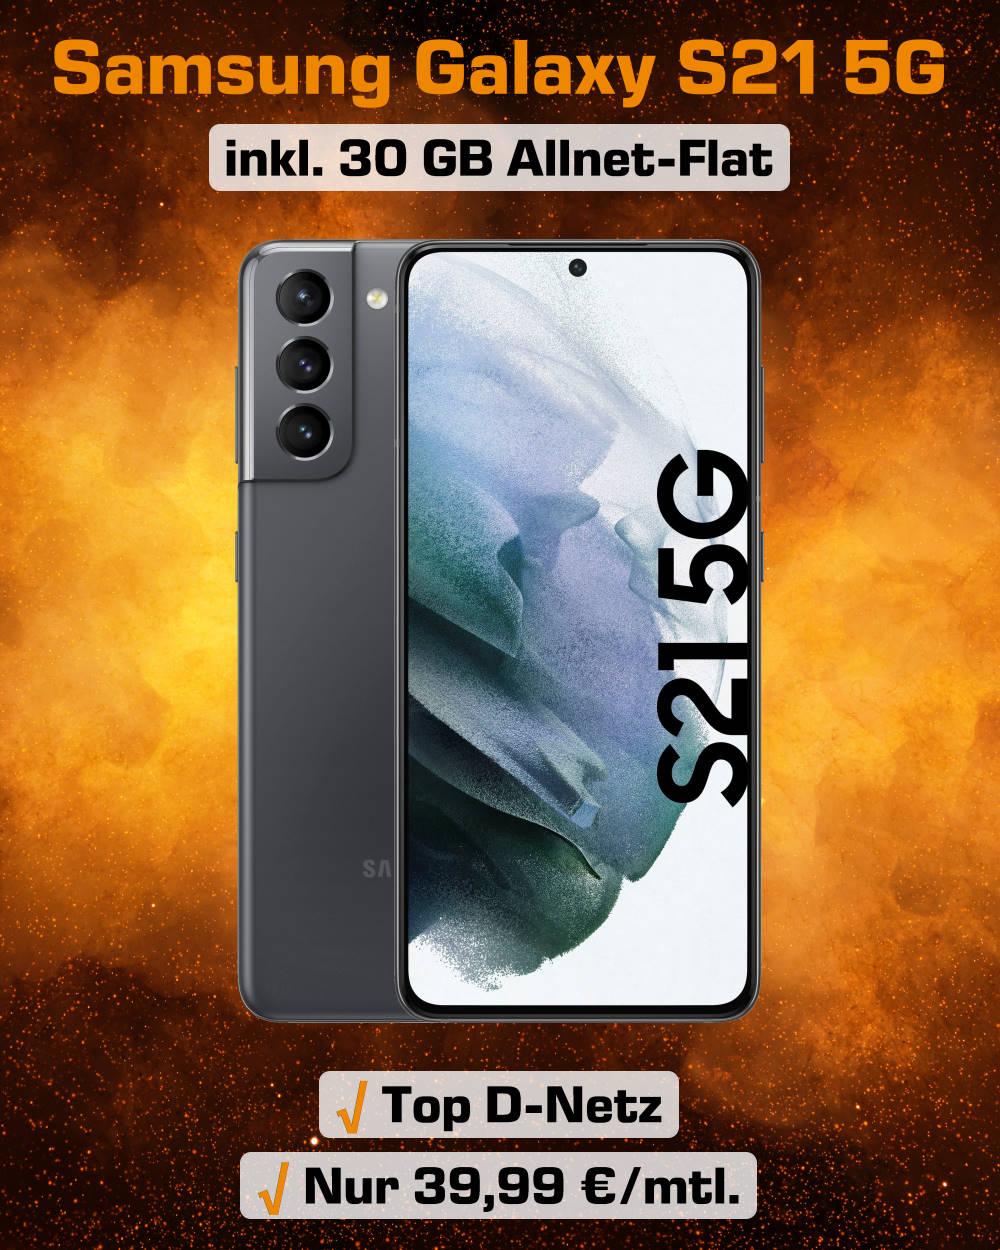 Galaxy S21 5G inkl. 30 GB LTE Allnet-Flat zum Spitzenpreis